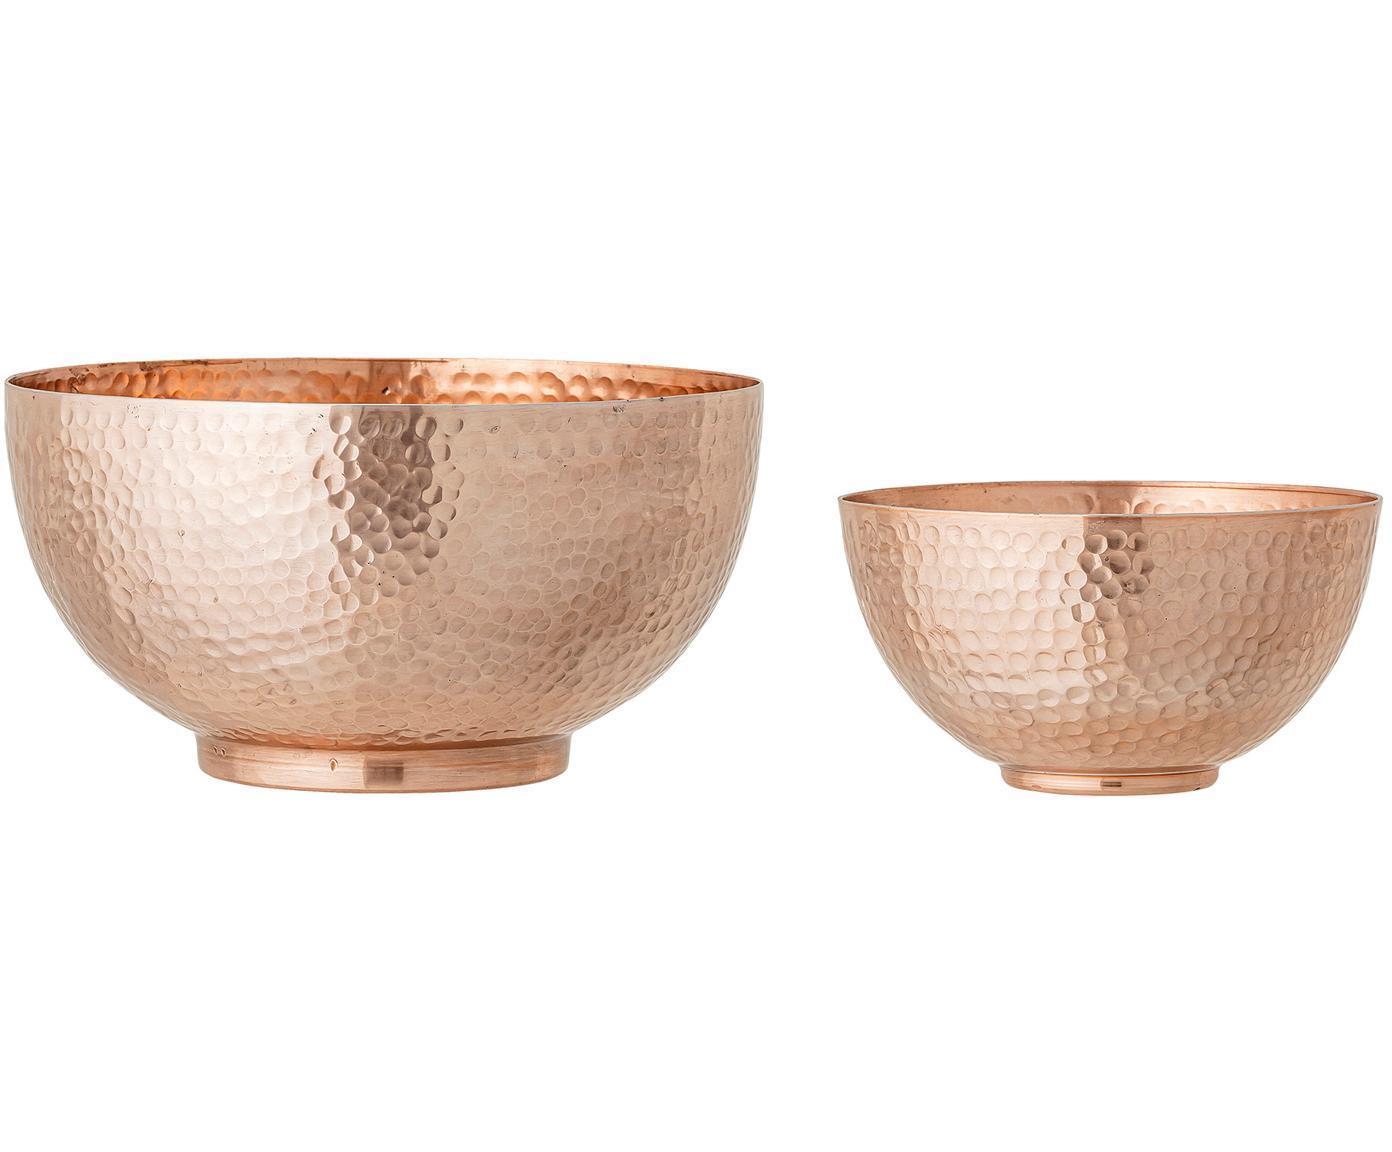 Schalen Cedar in Kupfer mit gehämmerter Oberfläche, 2er-Set, Aluminium, beschichtet, Kupferfarben, Set mit verschiedenen Größen